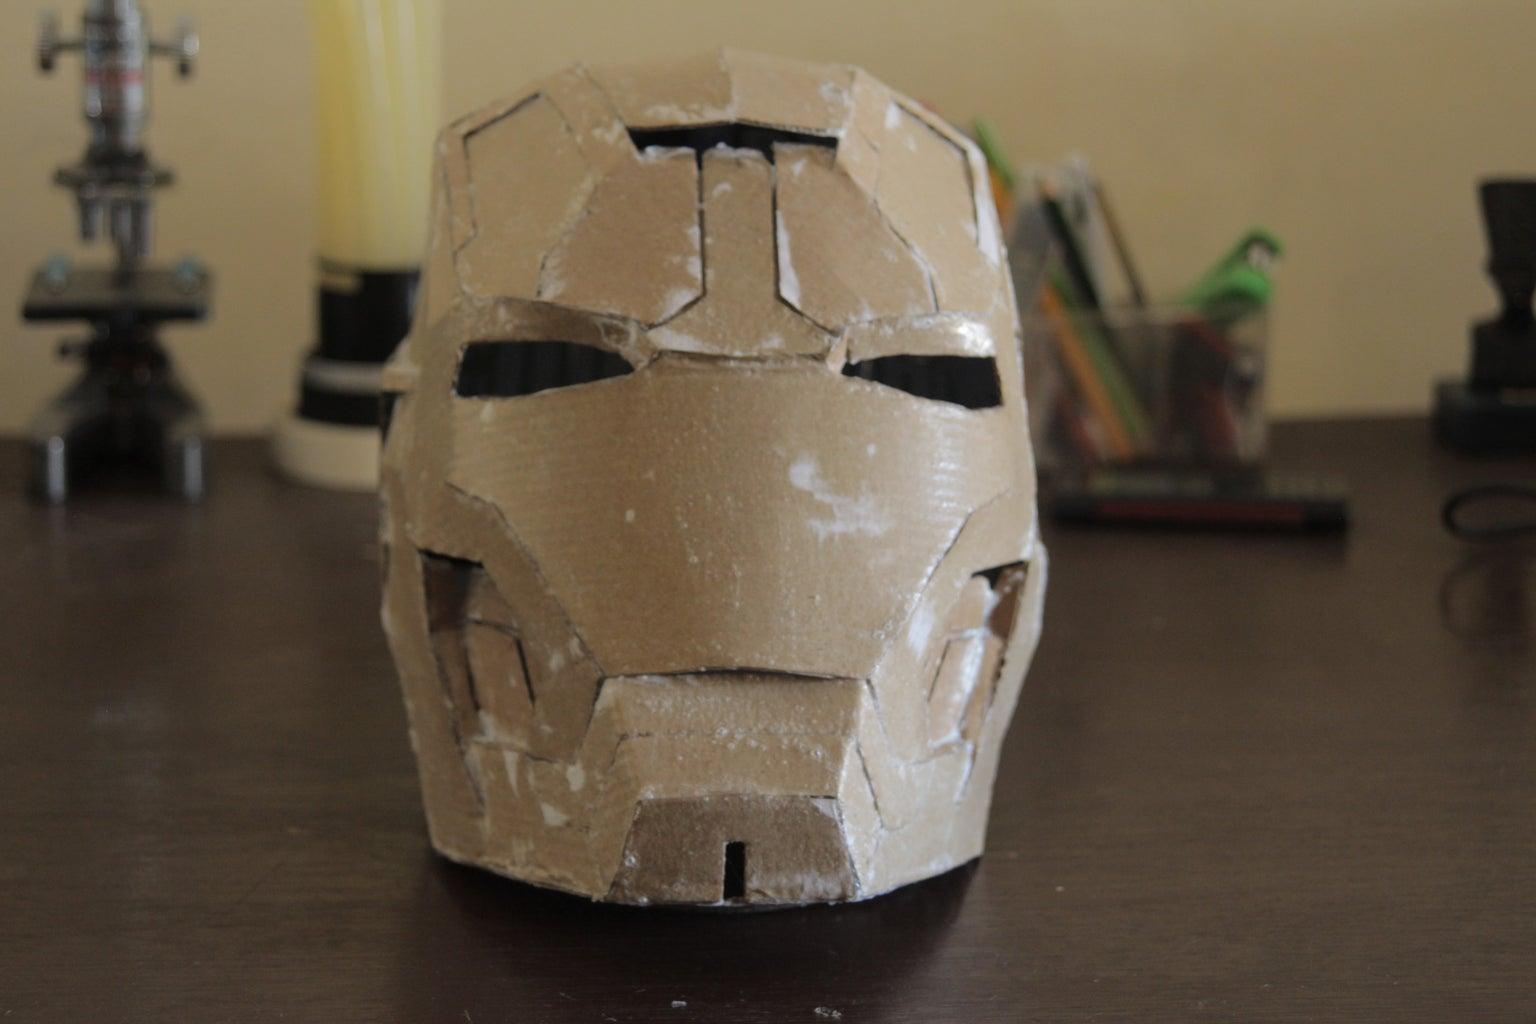 Putting PVA Glue on the Helmet